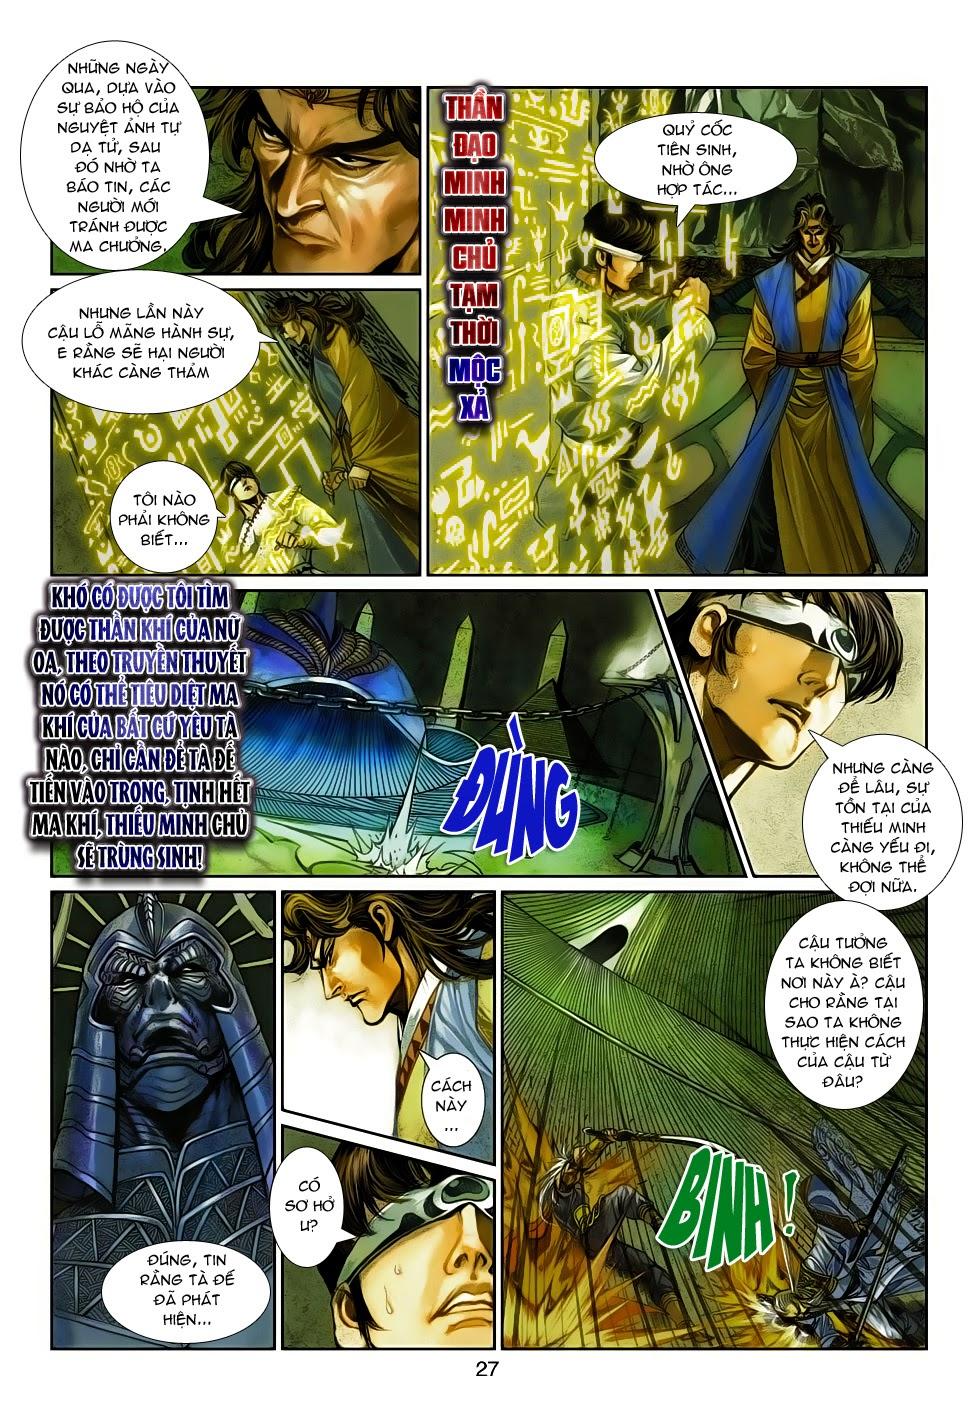 Thần Binh Tiền Truyện 4 - Huyền Thiên Tà Đế chap 14 - Trang 27